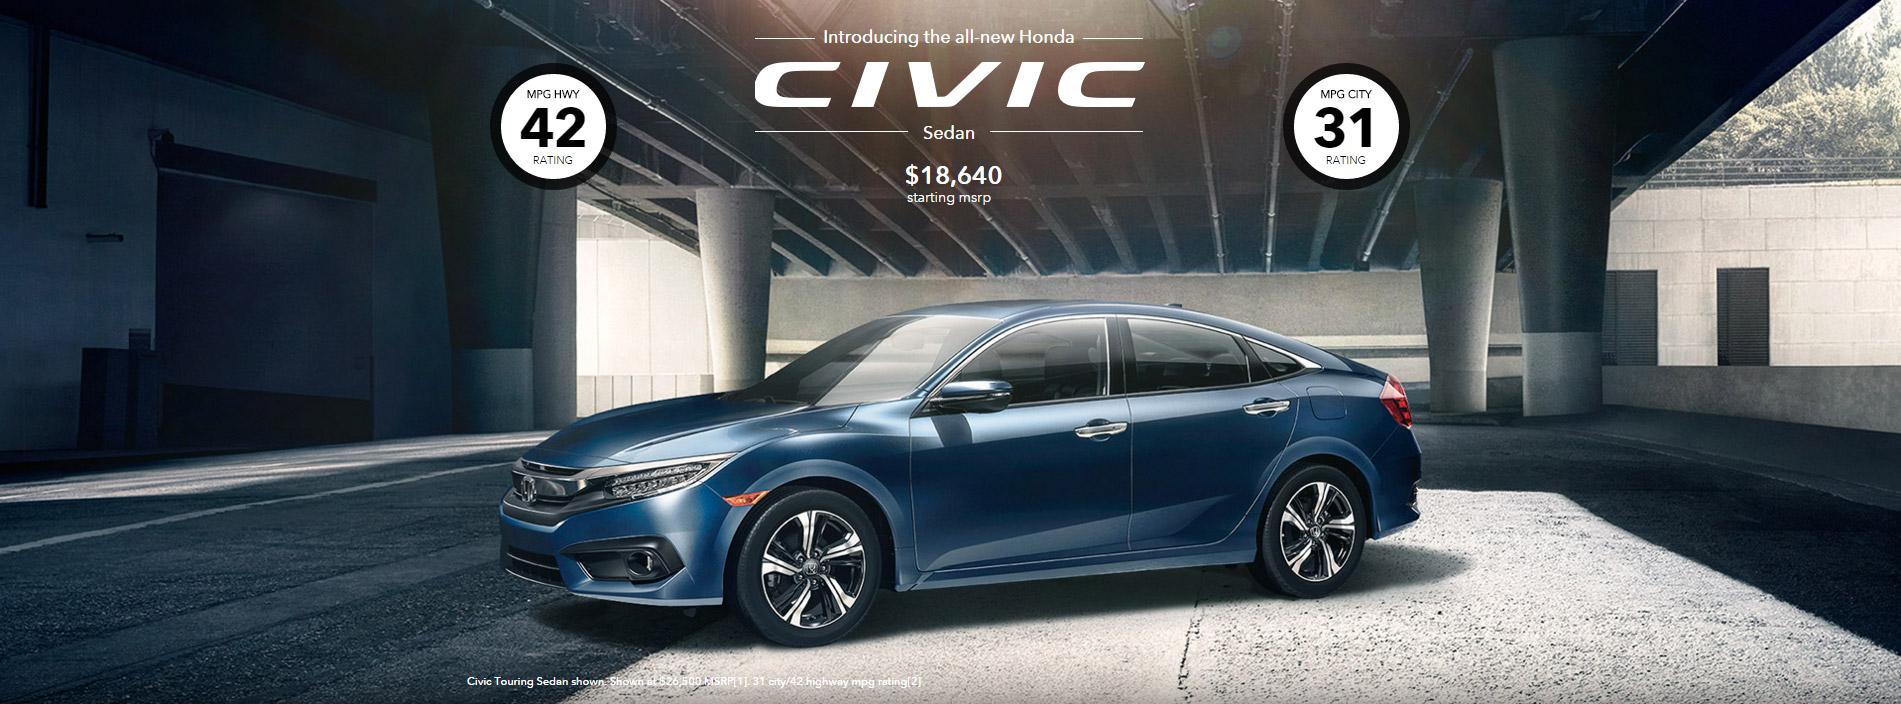 Civic_Sedan